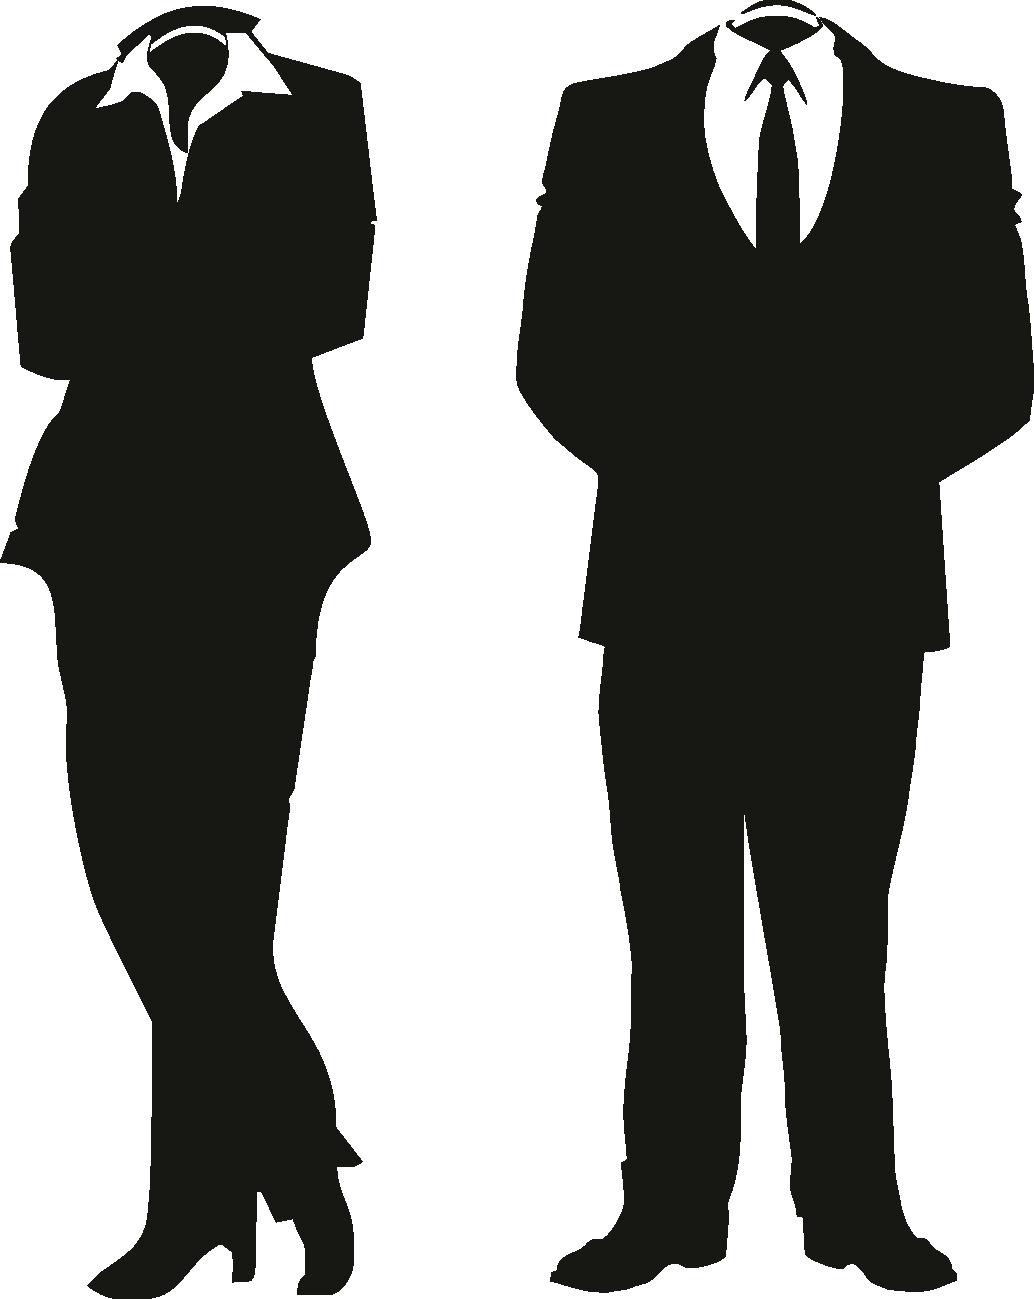 1034x1299 Suit Woman Clip Art